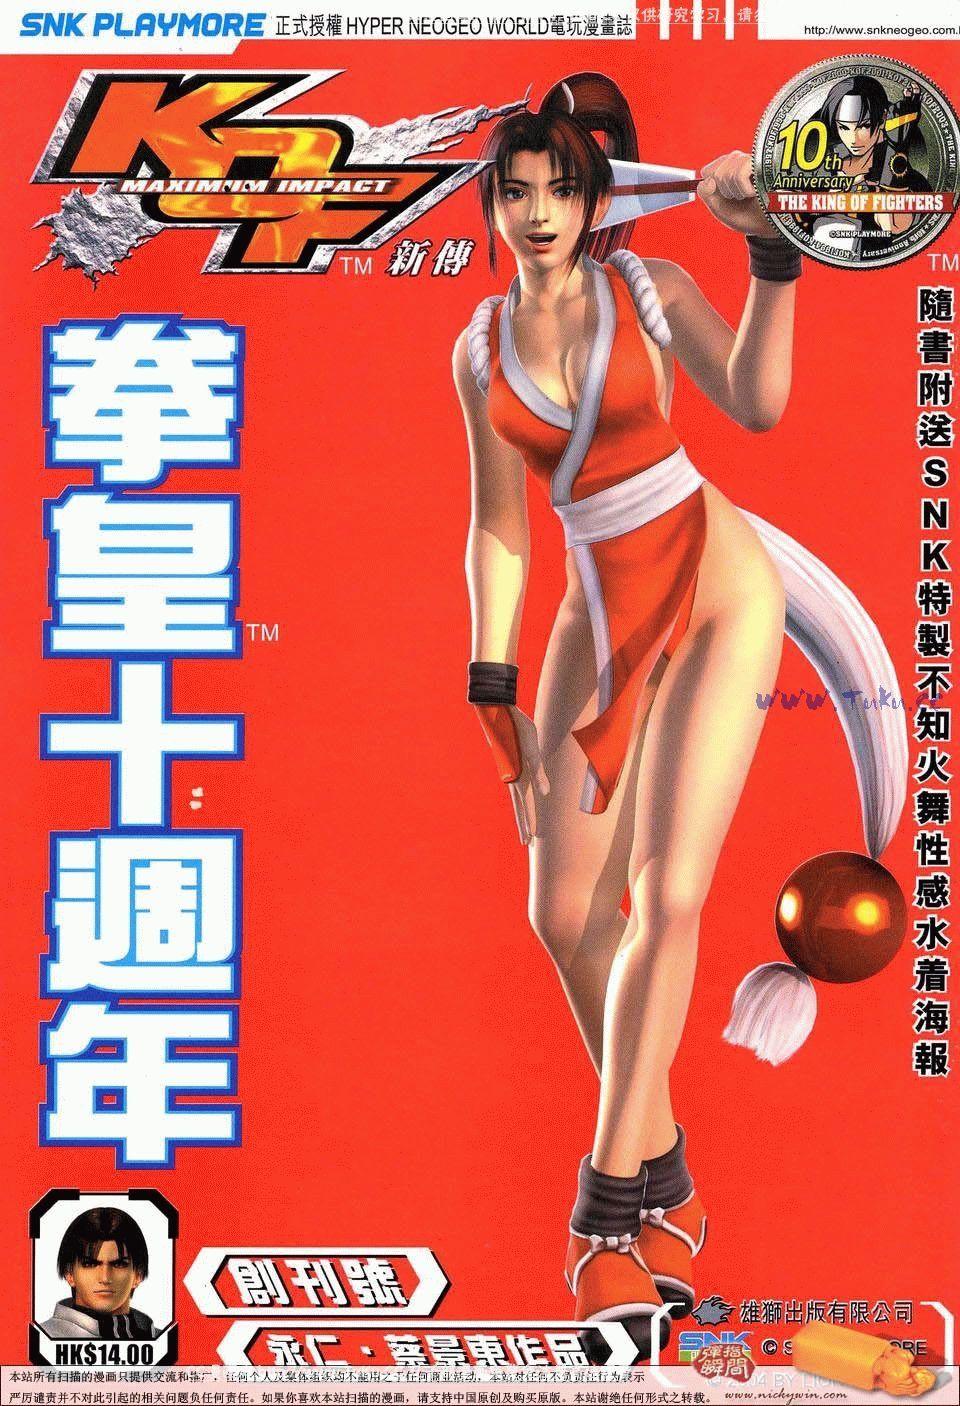 拳皇新传(十周年)kof2004(极限冲击)